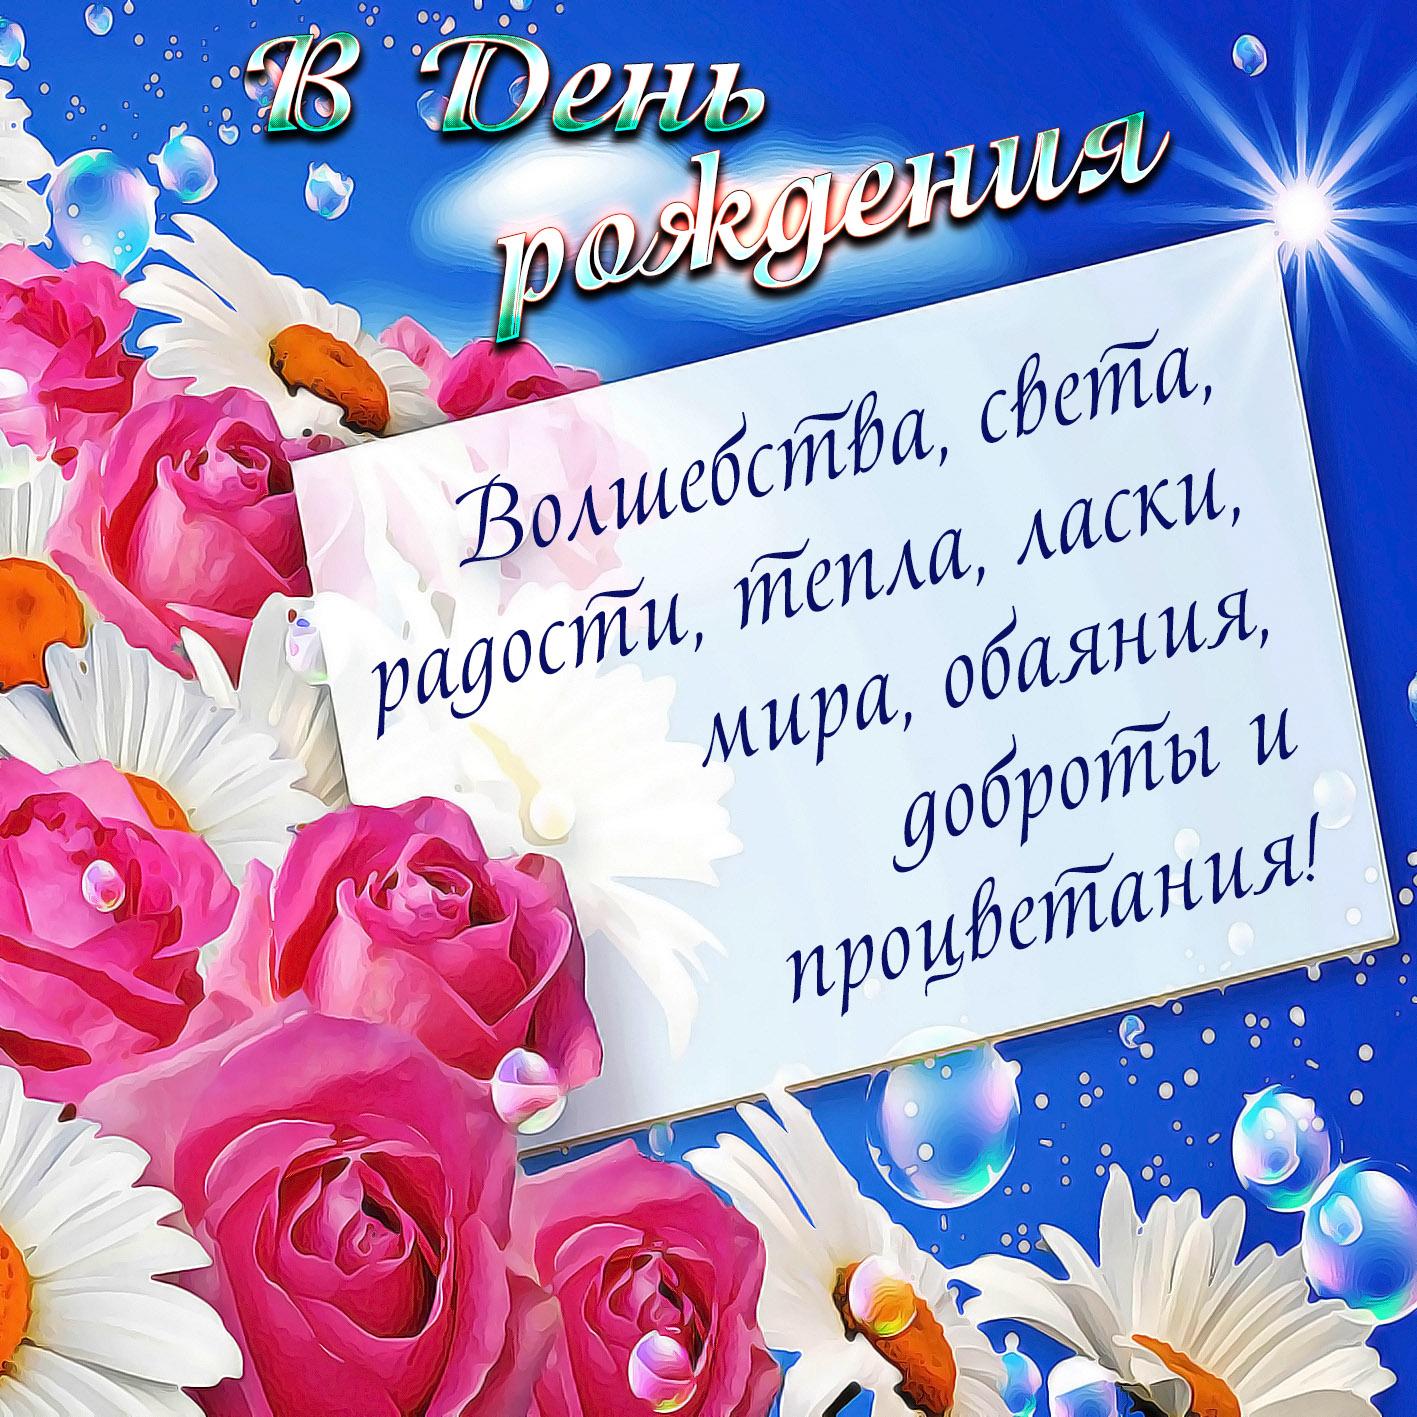 Поздравления пожелания день рождение